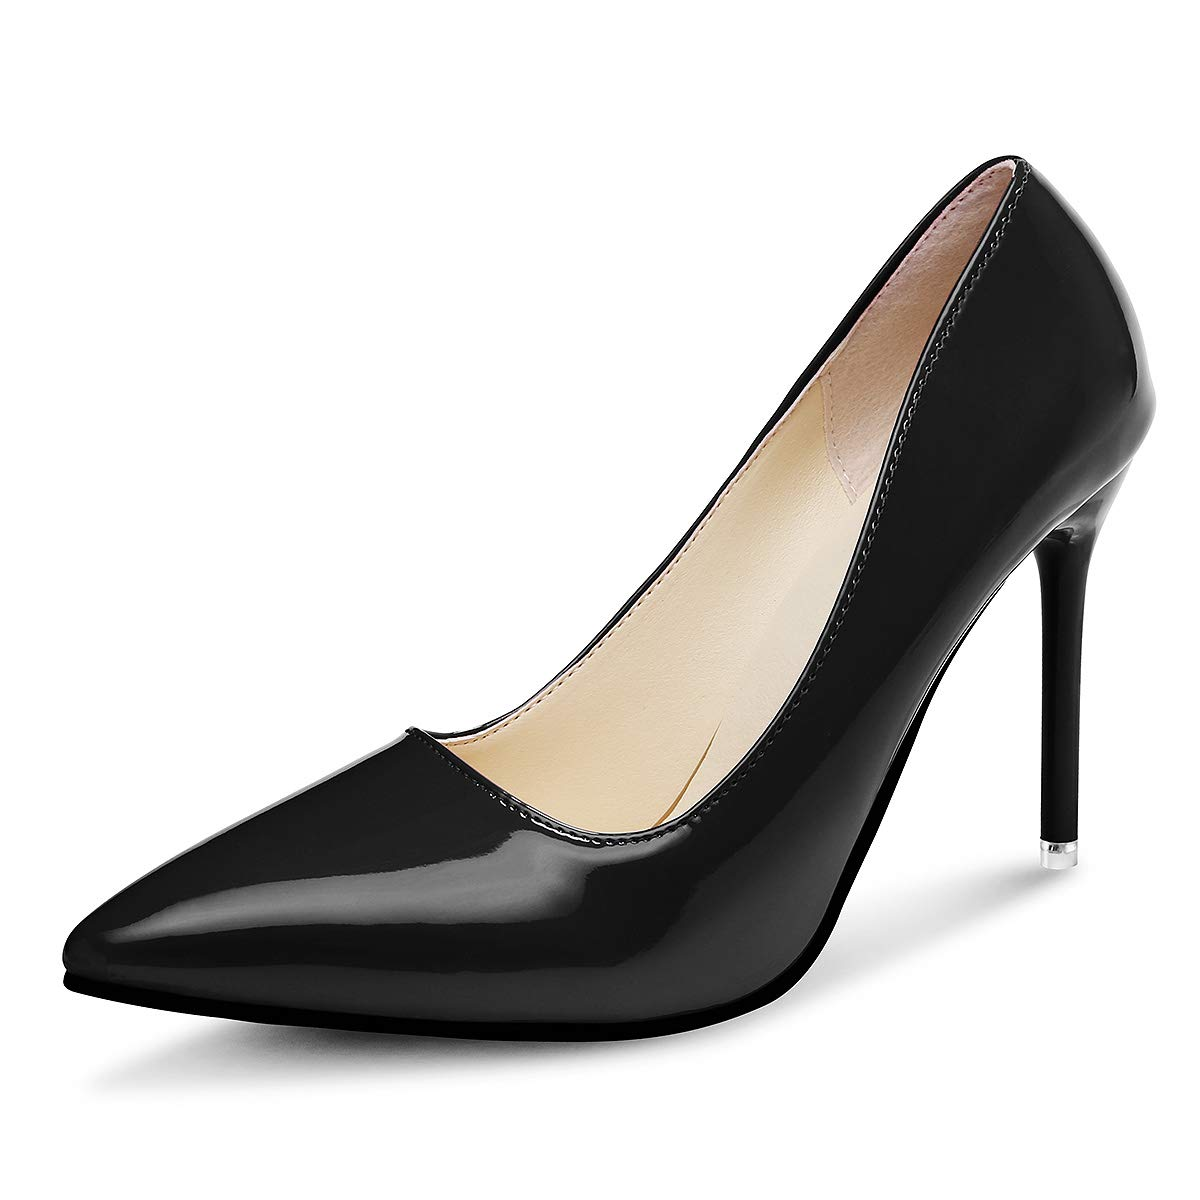 Kivors Zapatos De Tacón para Mujer, Tacones de Mujer de Moda de Mujer Colores Mezclados Salvajes Zapatos De Tacon Alto Elegante Fiesta Y Boda Noche para Mujer